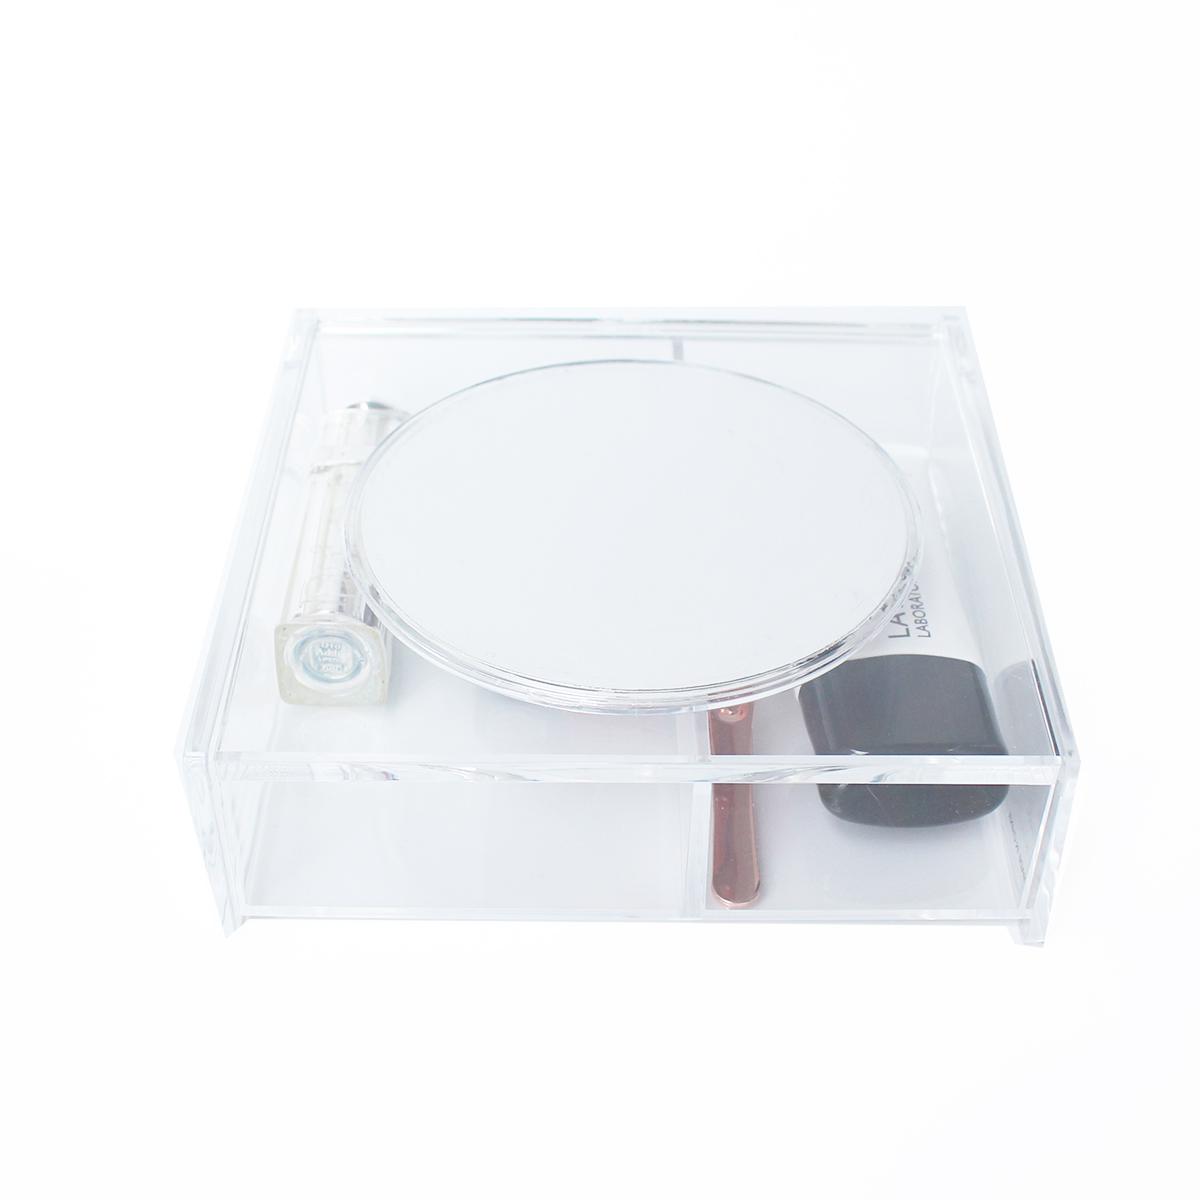 Khay đựng mỹ phẩm đồ trang điểm Nhật Bản trong suốt có nắp và gương soi MINISO tiện lợi - MNS074